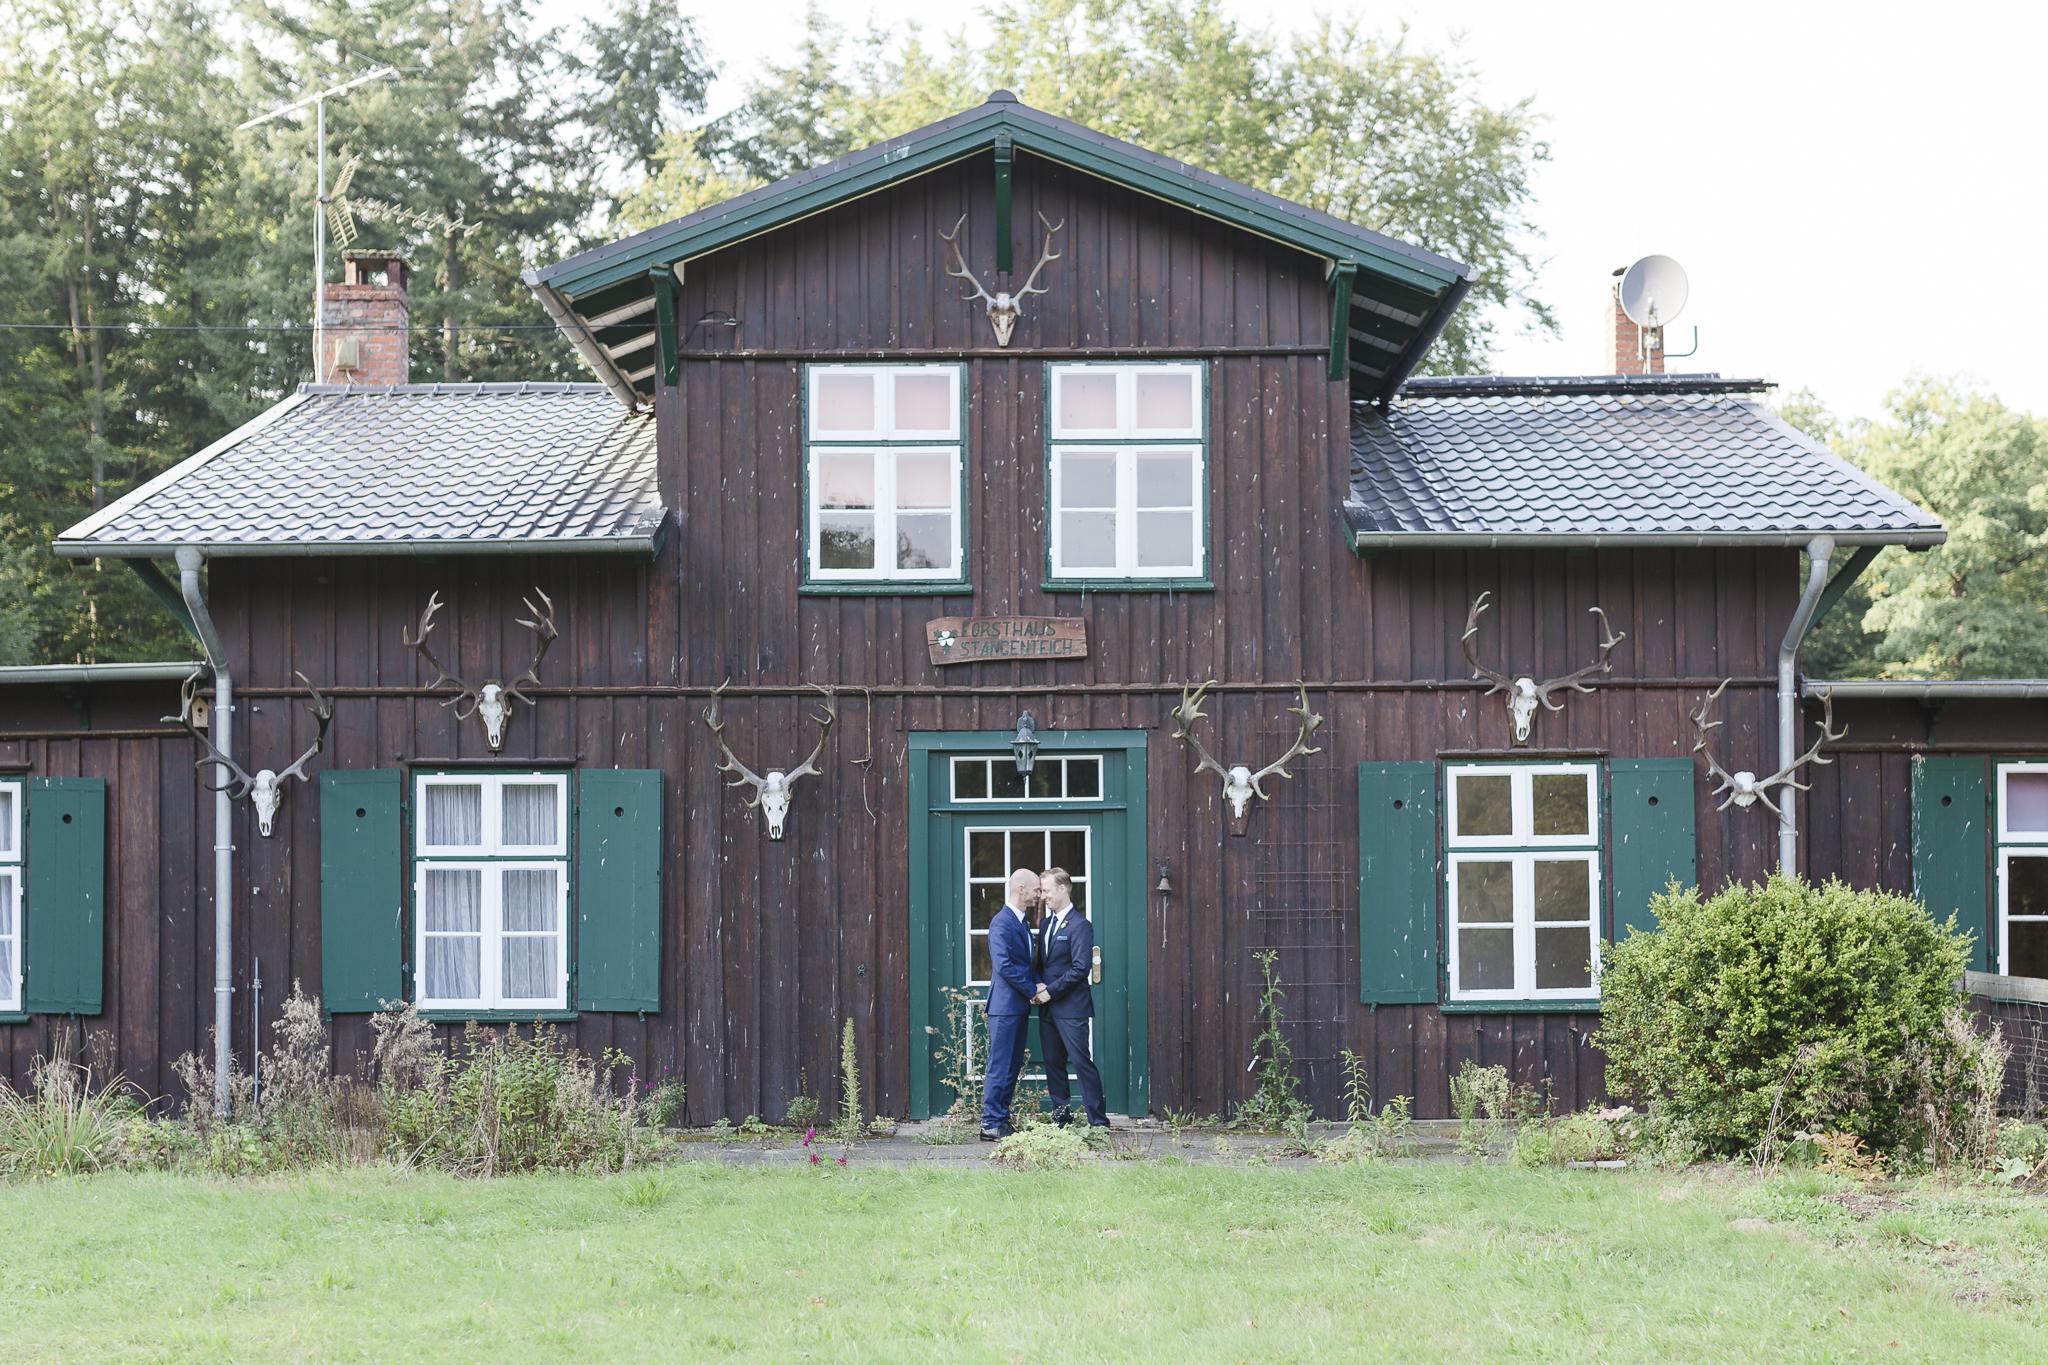 Hochzeitsfotograf Hamburg - schwules Brautpaar steht vor Jagdhütte